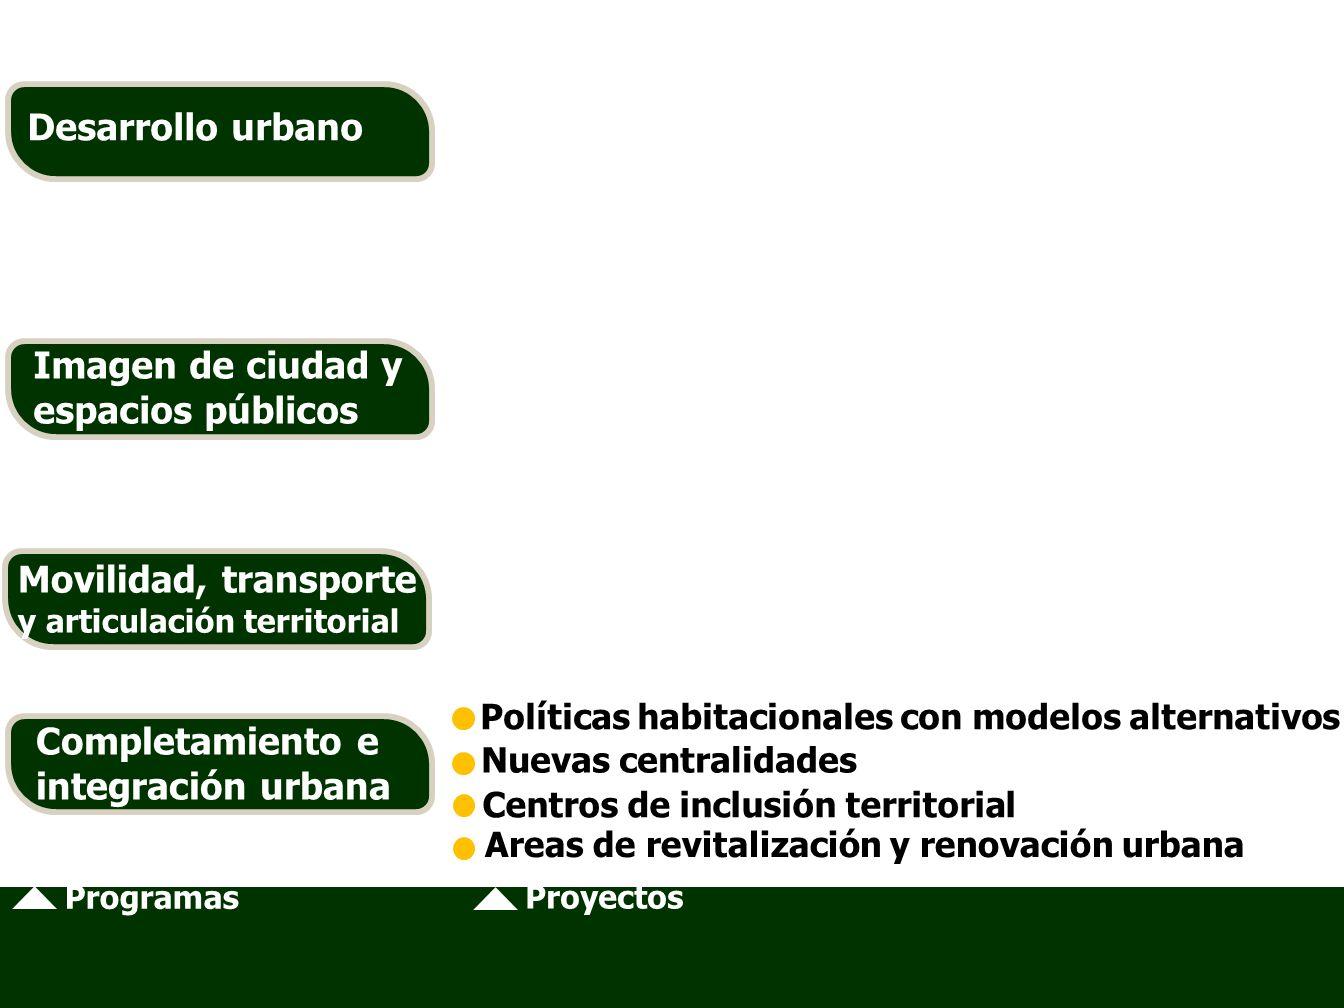 Políticas habitacionales con modelos alternativos Nuevas centralidades Centros de inclusión territorial Areas de revitalización y renovación urbana Programas Proyectos Desarrollo urbano Imagen de ciudad y espacios públicos Movilidad, transporte y articulación territorial Completamiento e integración urbana